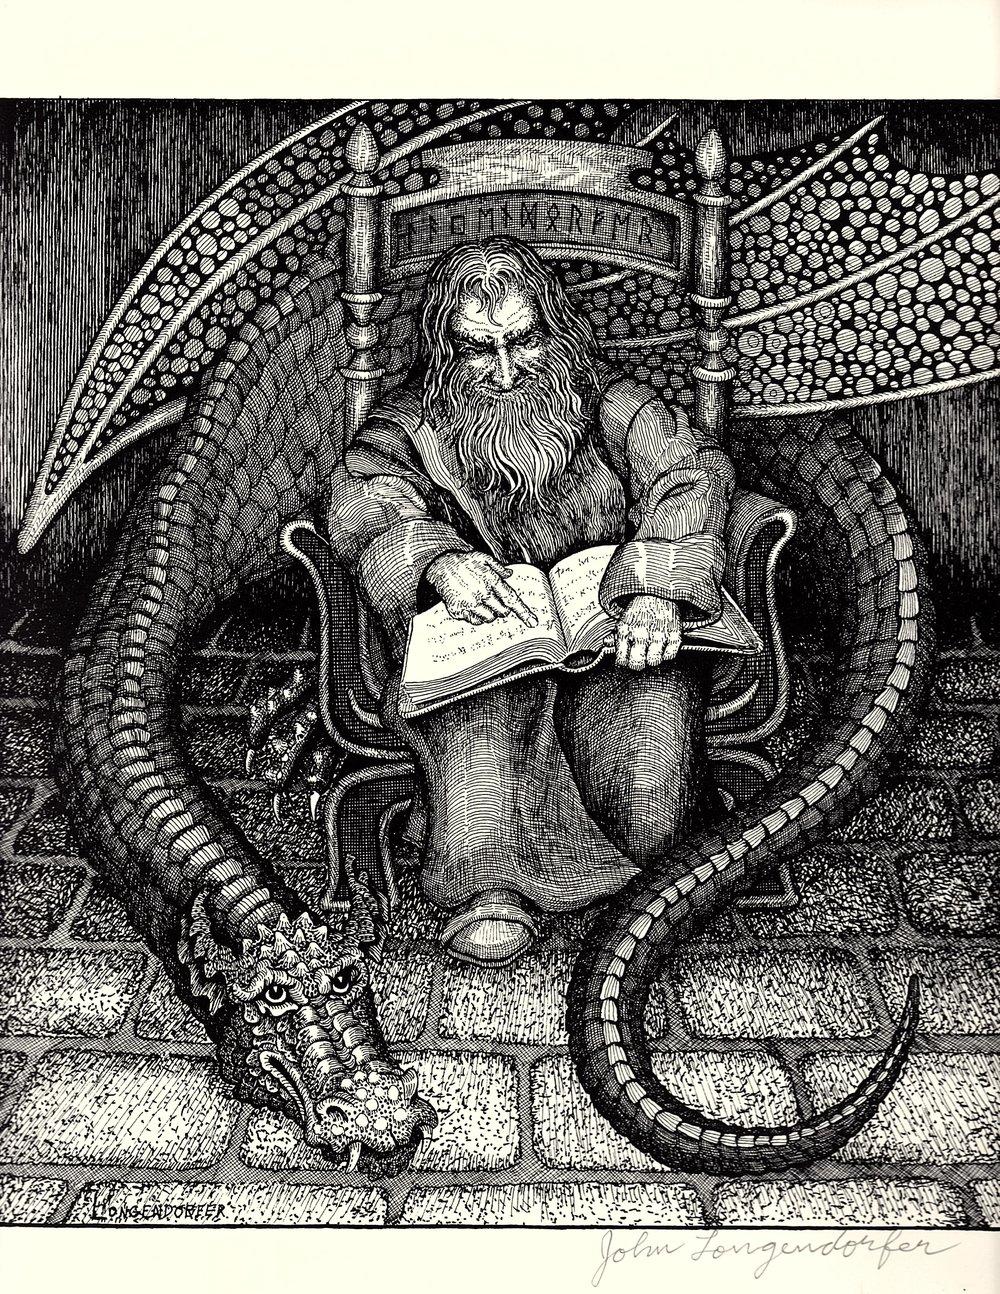 John Longendorfer, Artist